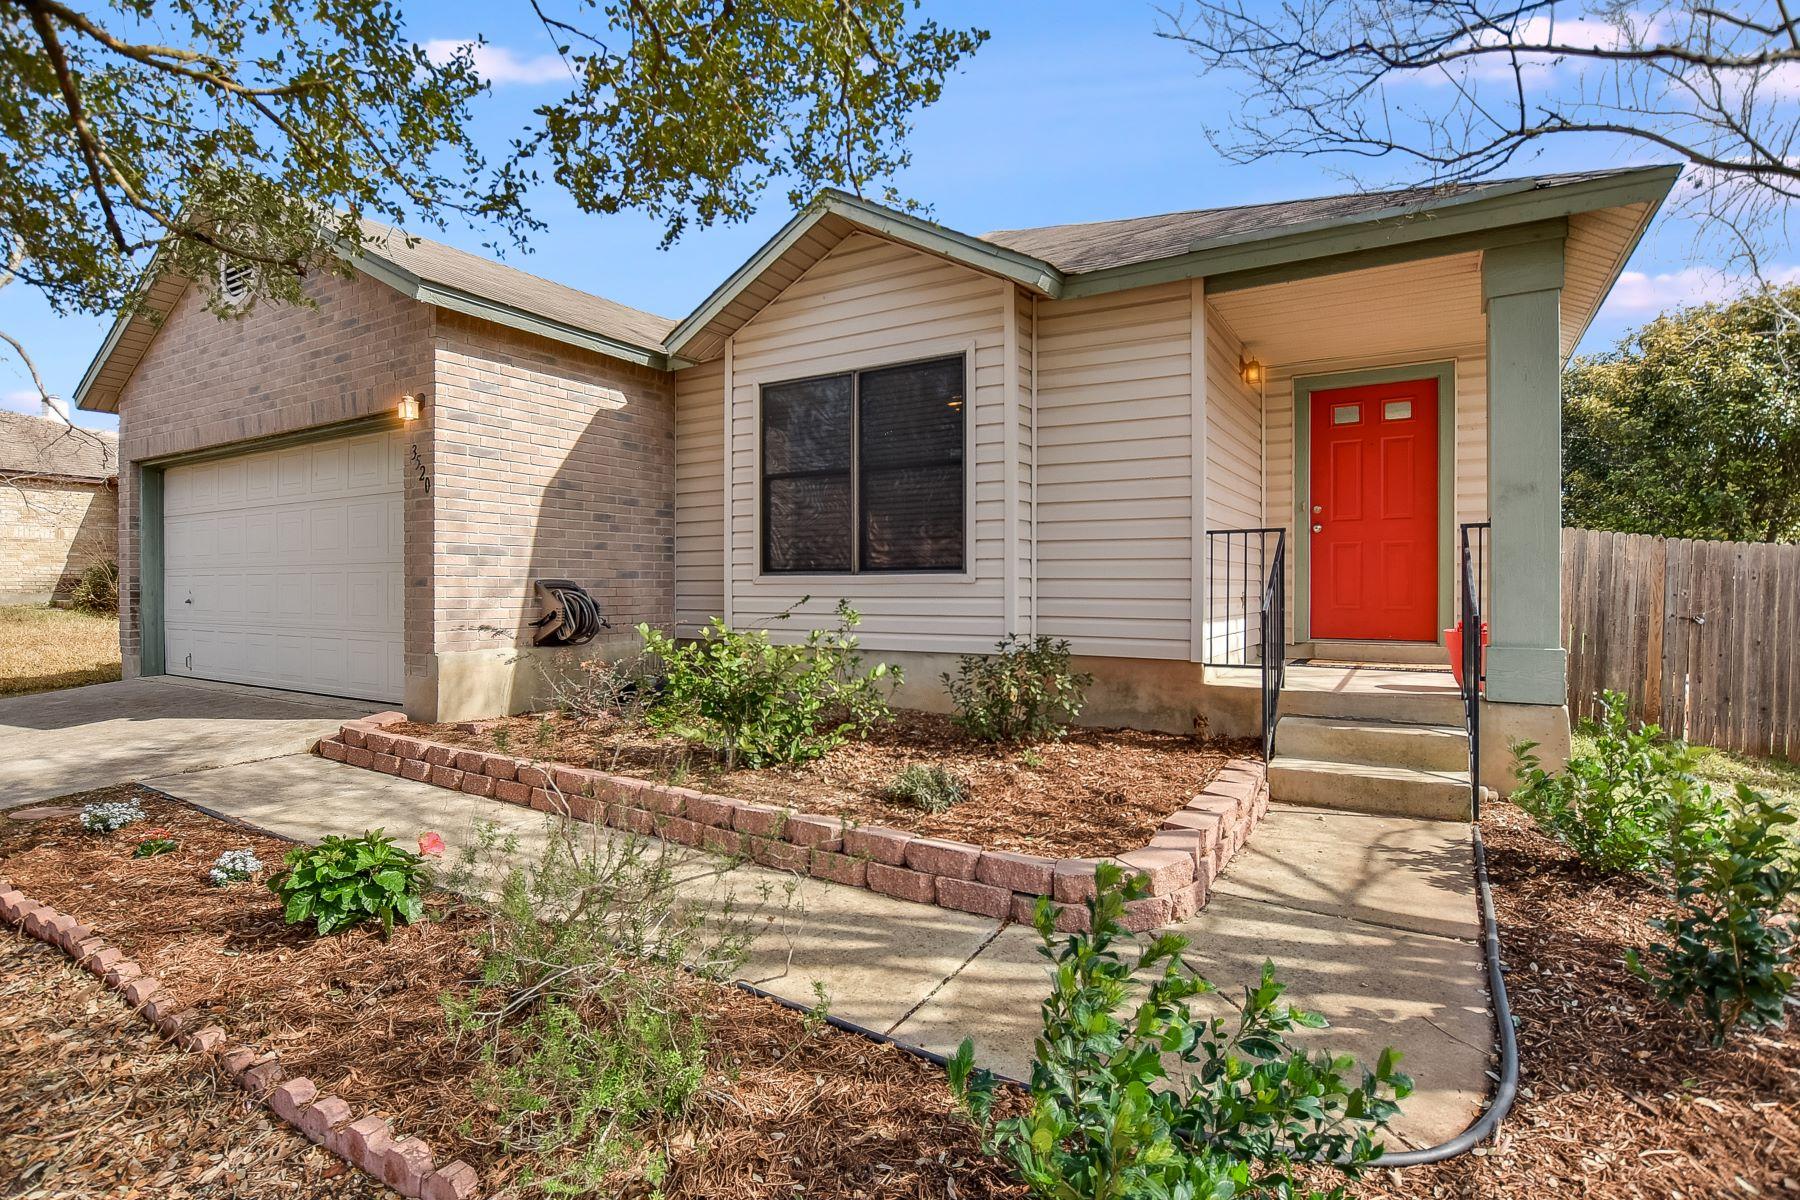 Lovely One-Story Home 3520 Davenport Schertz, Texas 78154 United States